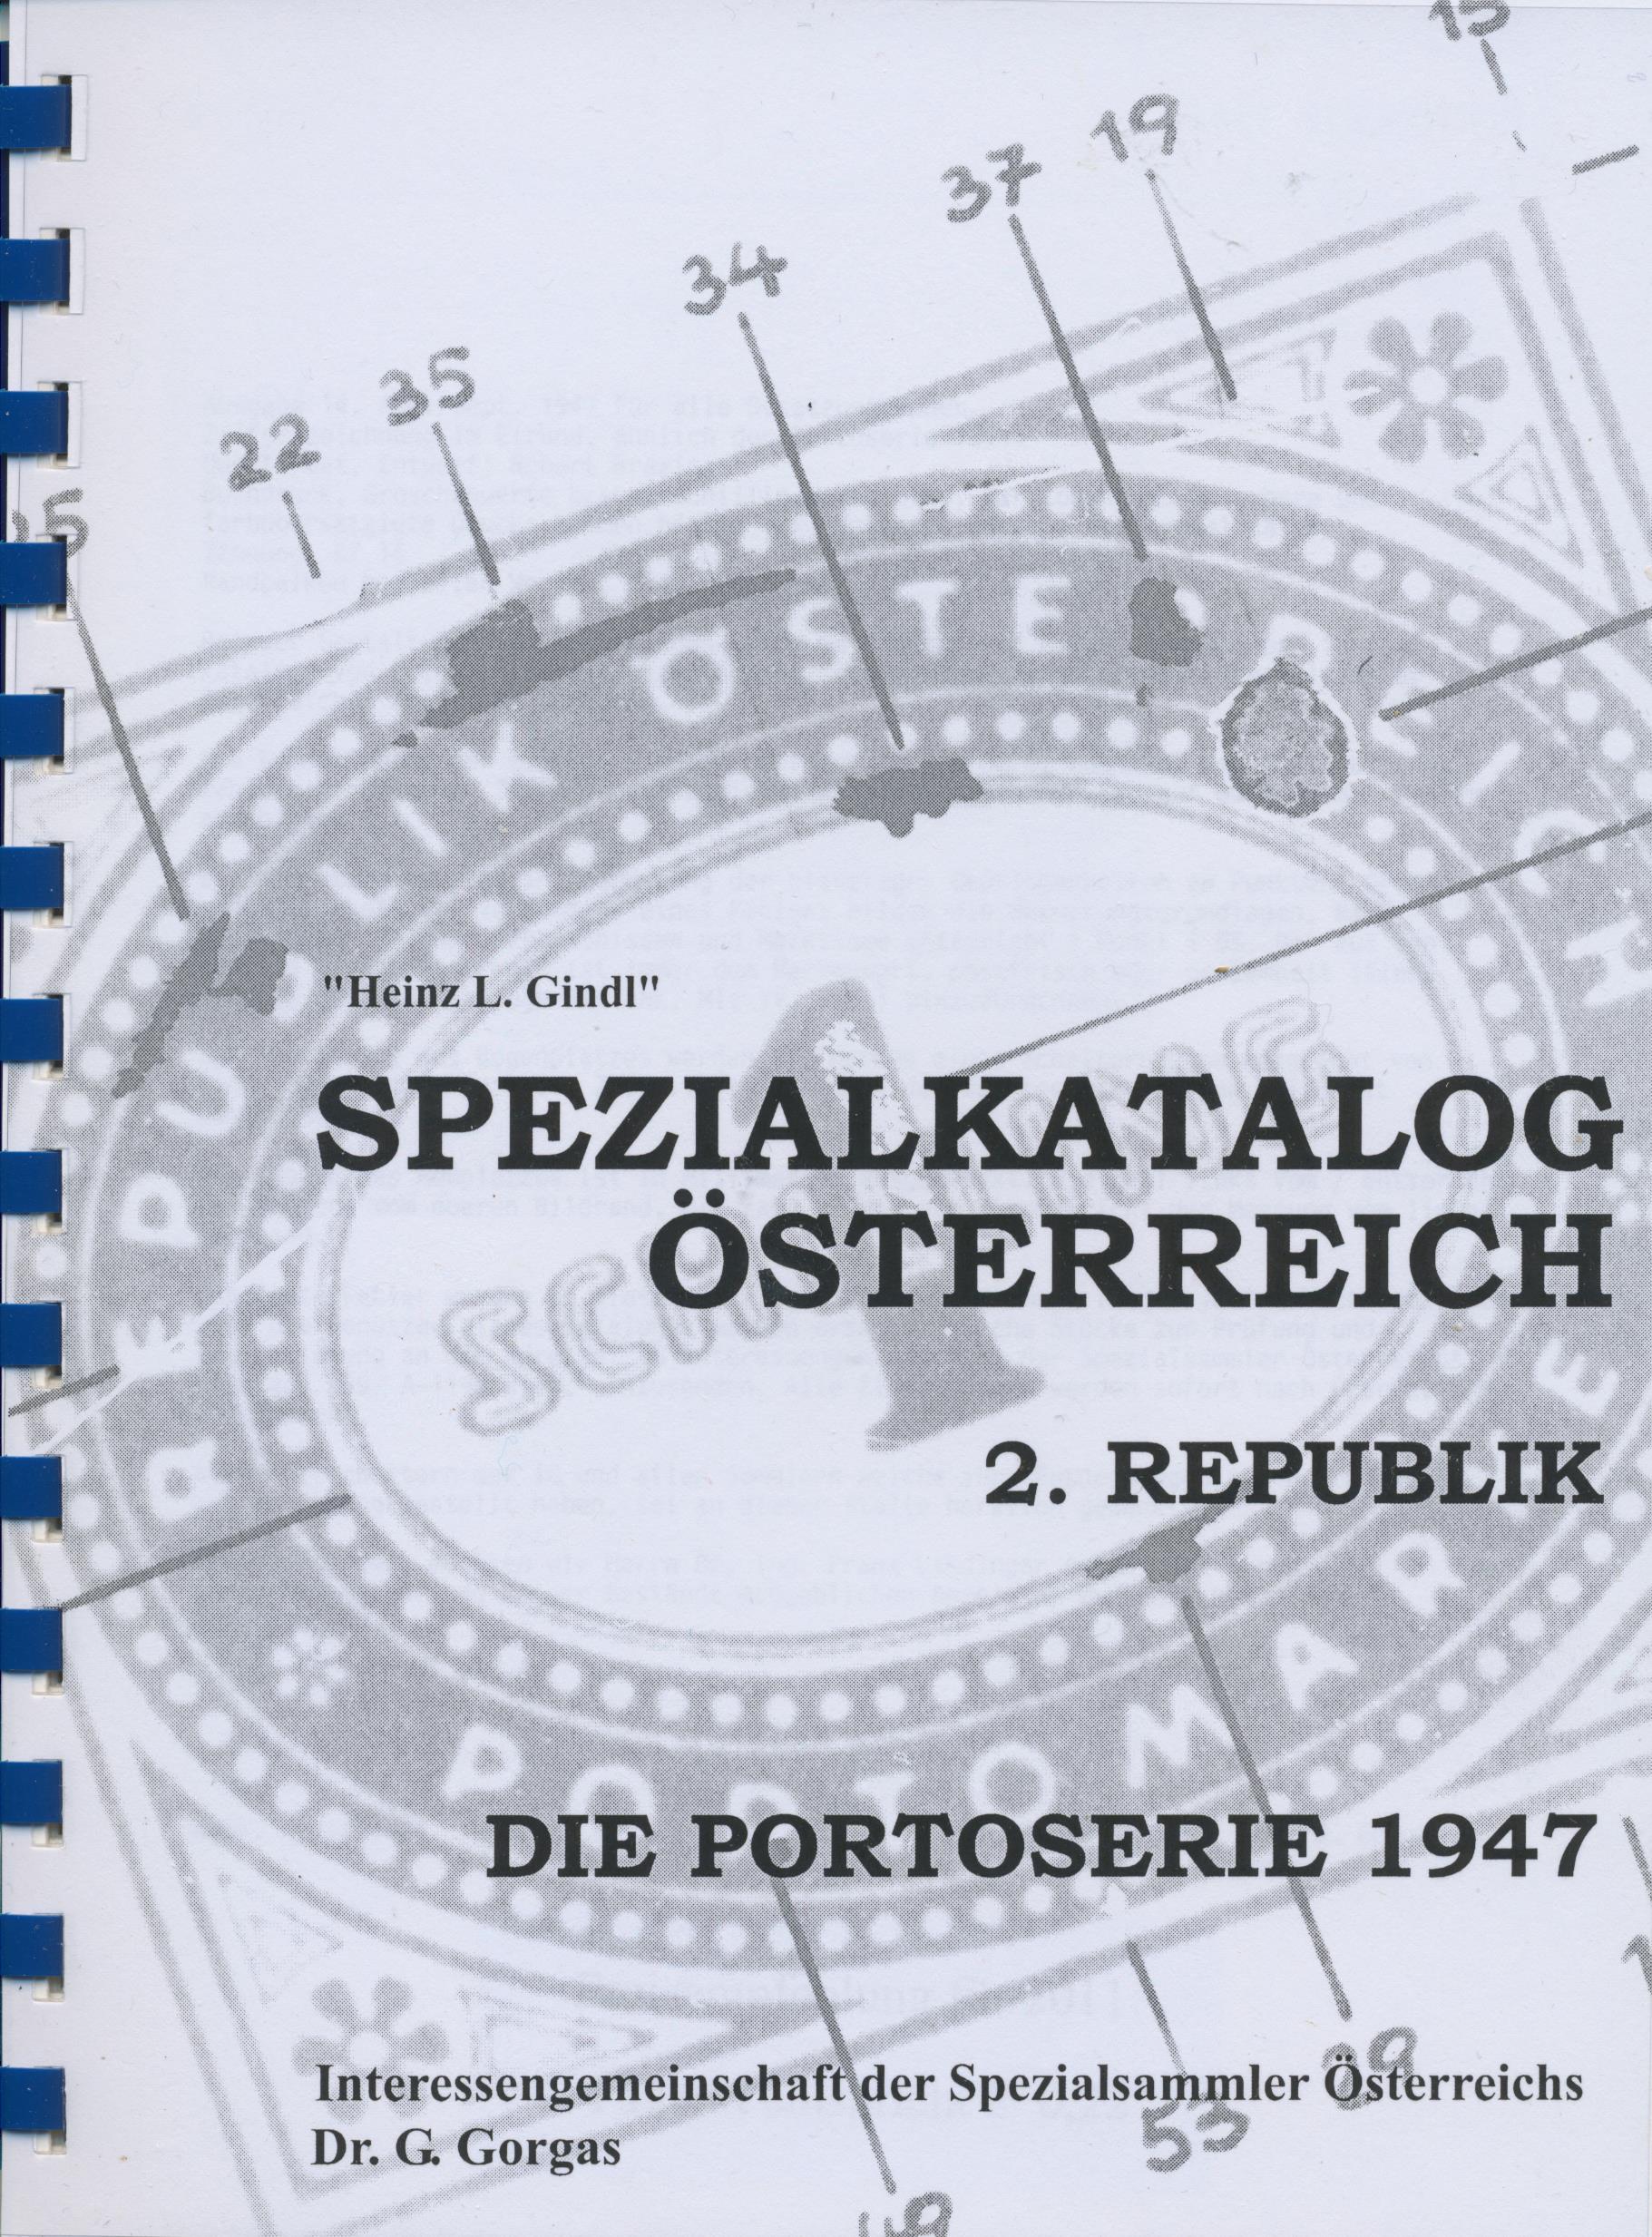 Gindl Heinz L. Spezialkatalog Österreich 2. Republik Die Portose